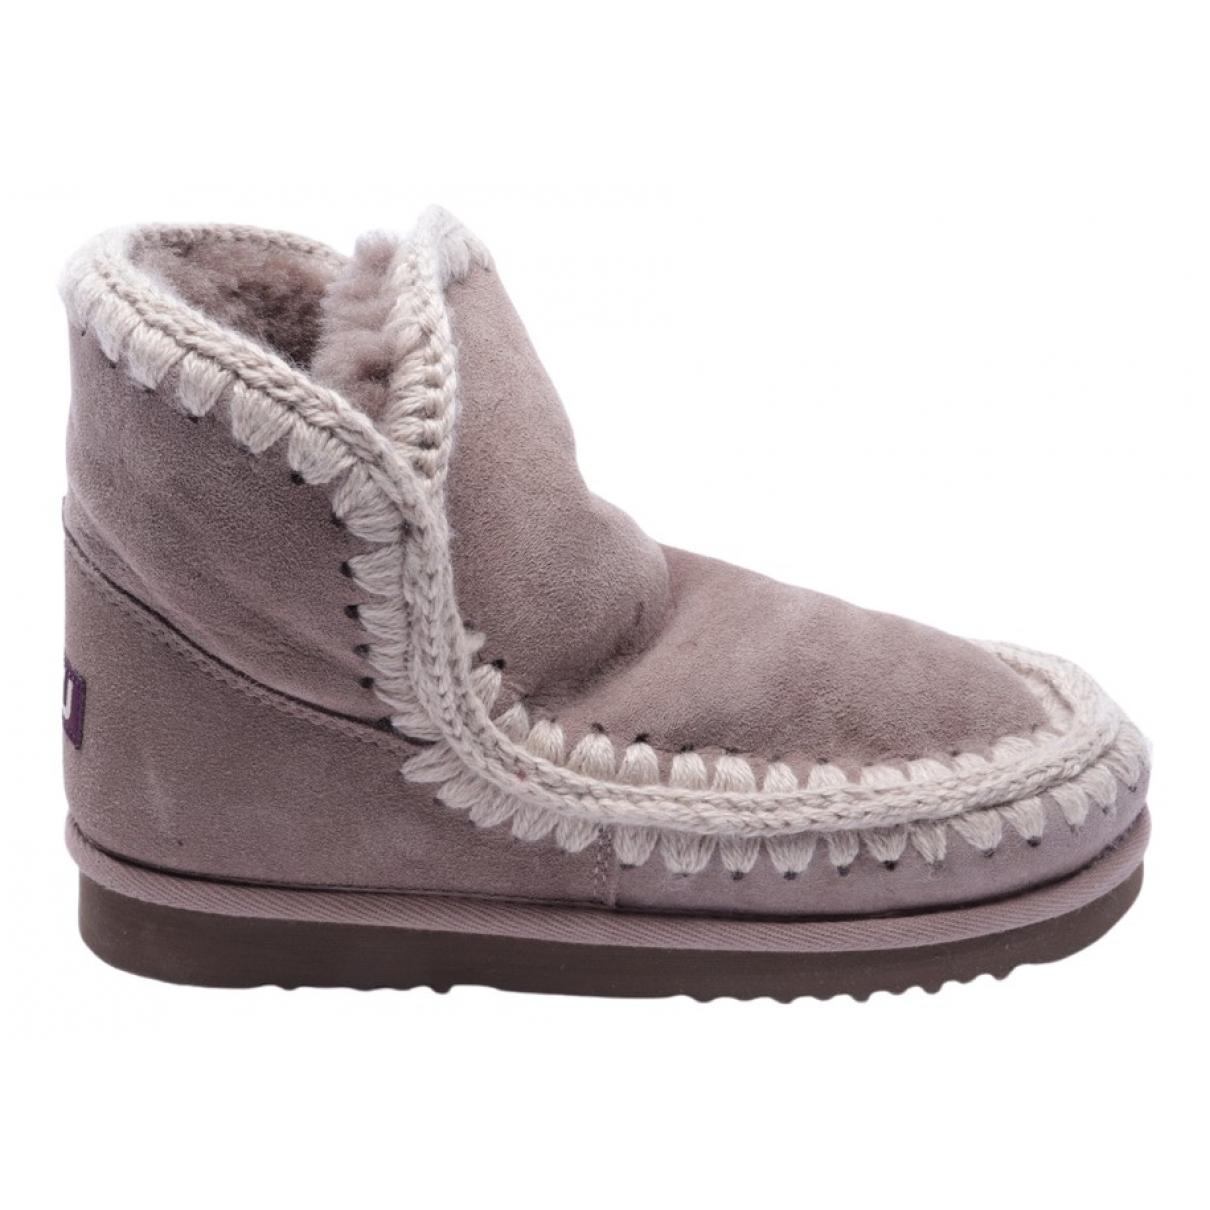 Mou - Boots   pour femme en cuir - beige